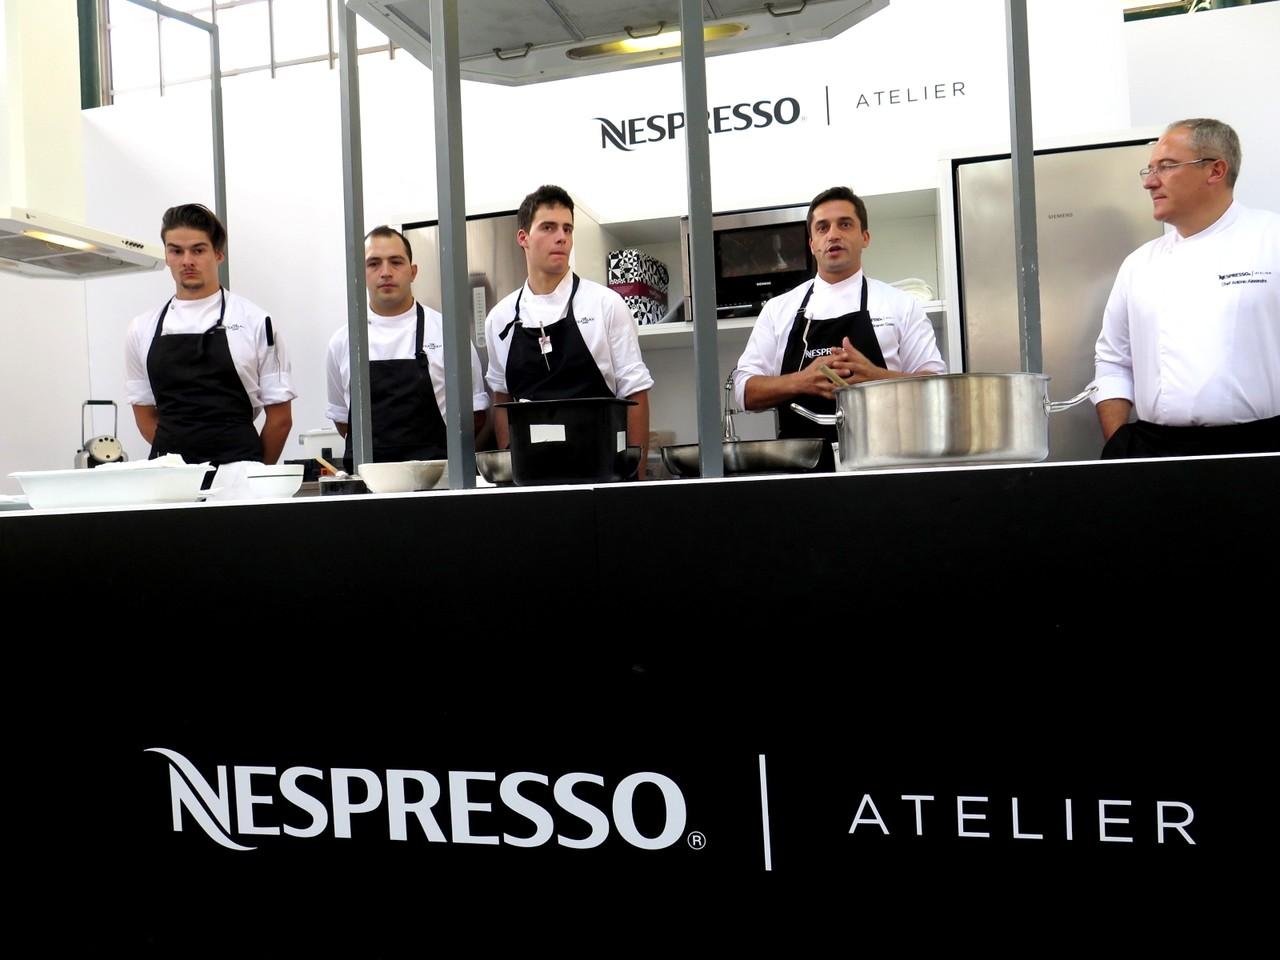 Jaime Nogueira, Pedro Carvalho, Pedro Rodrigues, Ricardo Costa, António Alexandre